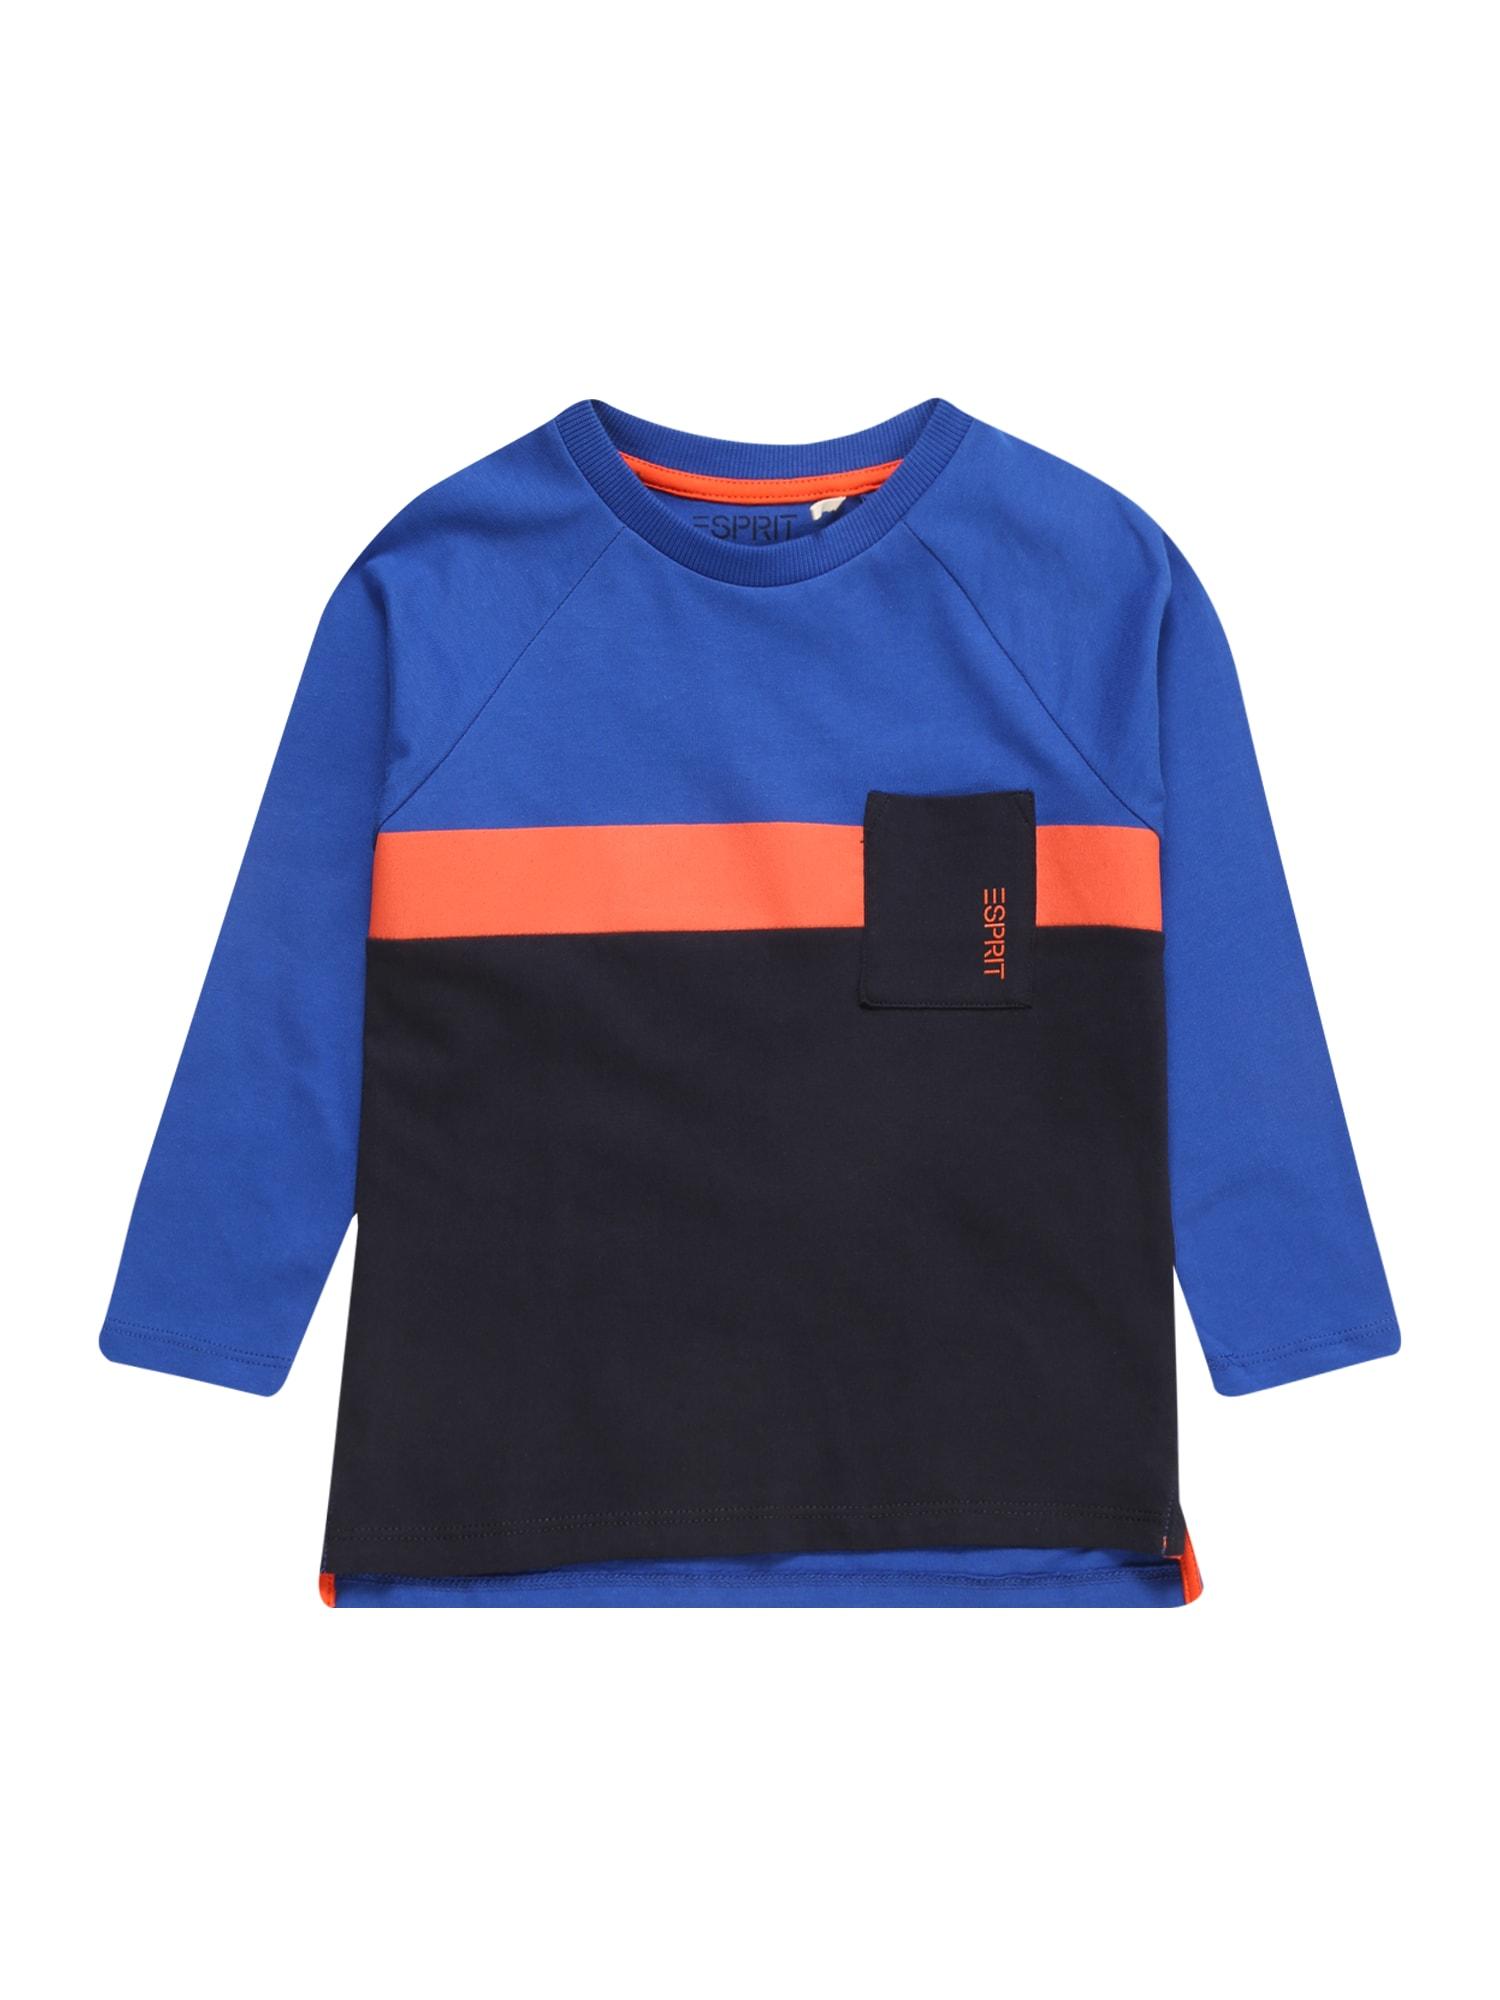 ESPRIT Tričko  královská modrá / korálová / černá